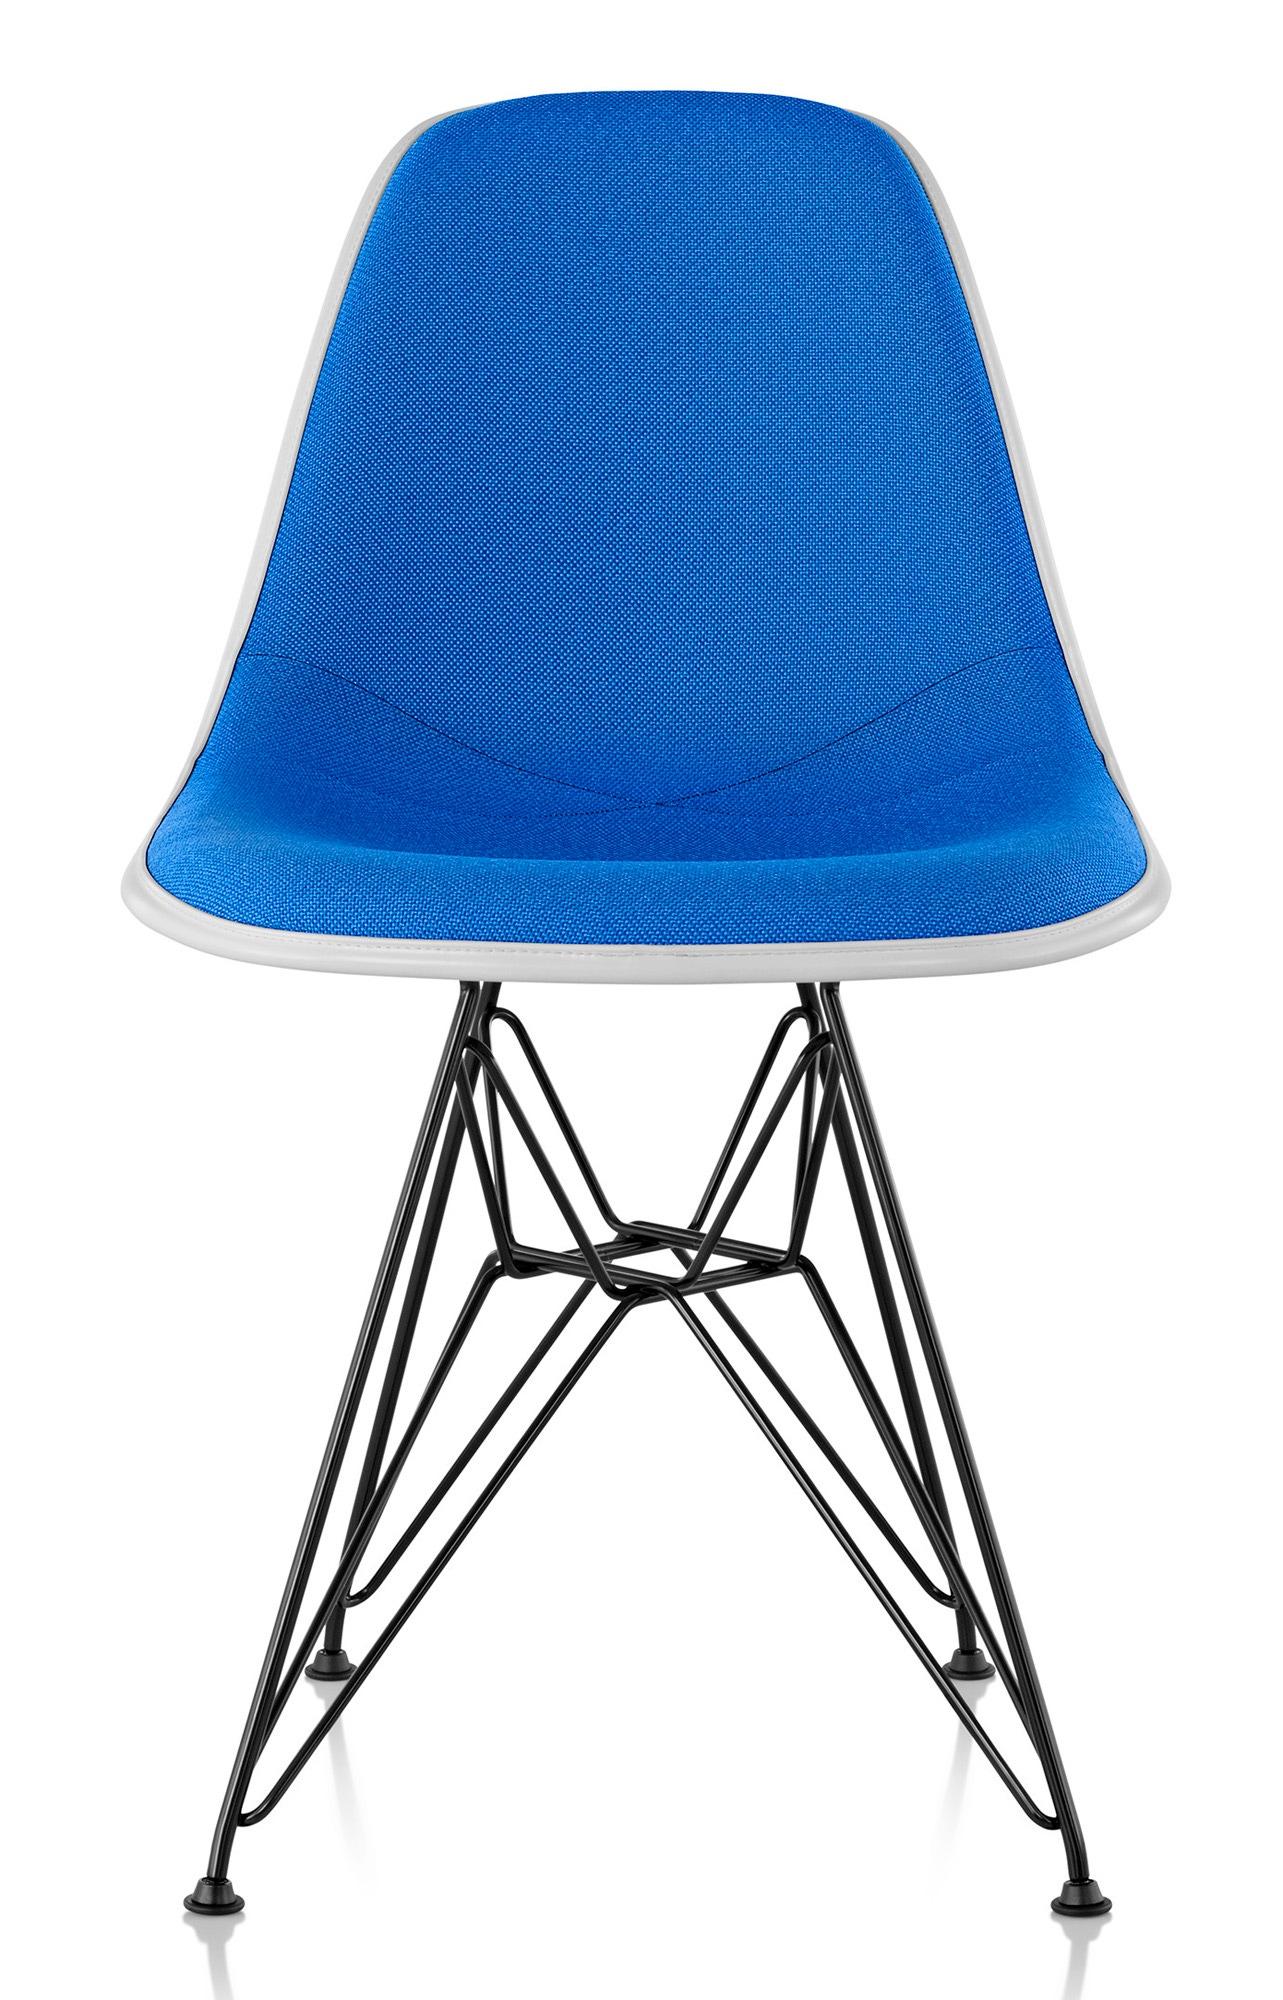 Herman miller eames 174 molded plastic side chair upholstered shell gr